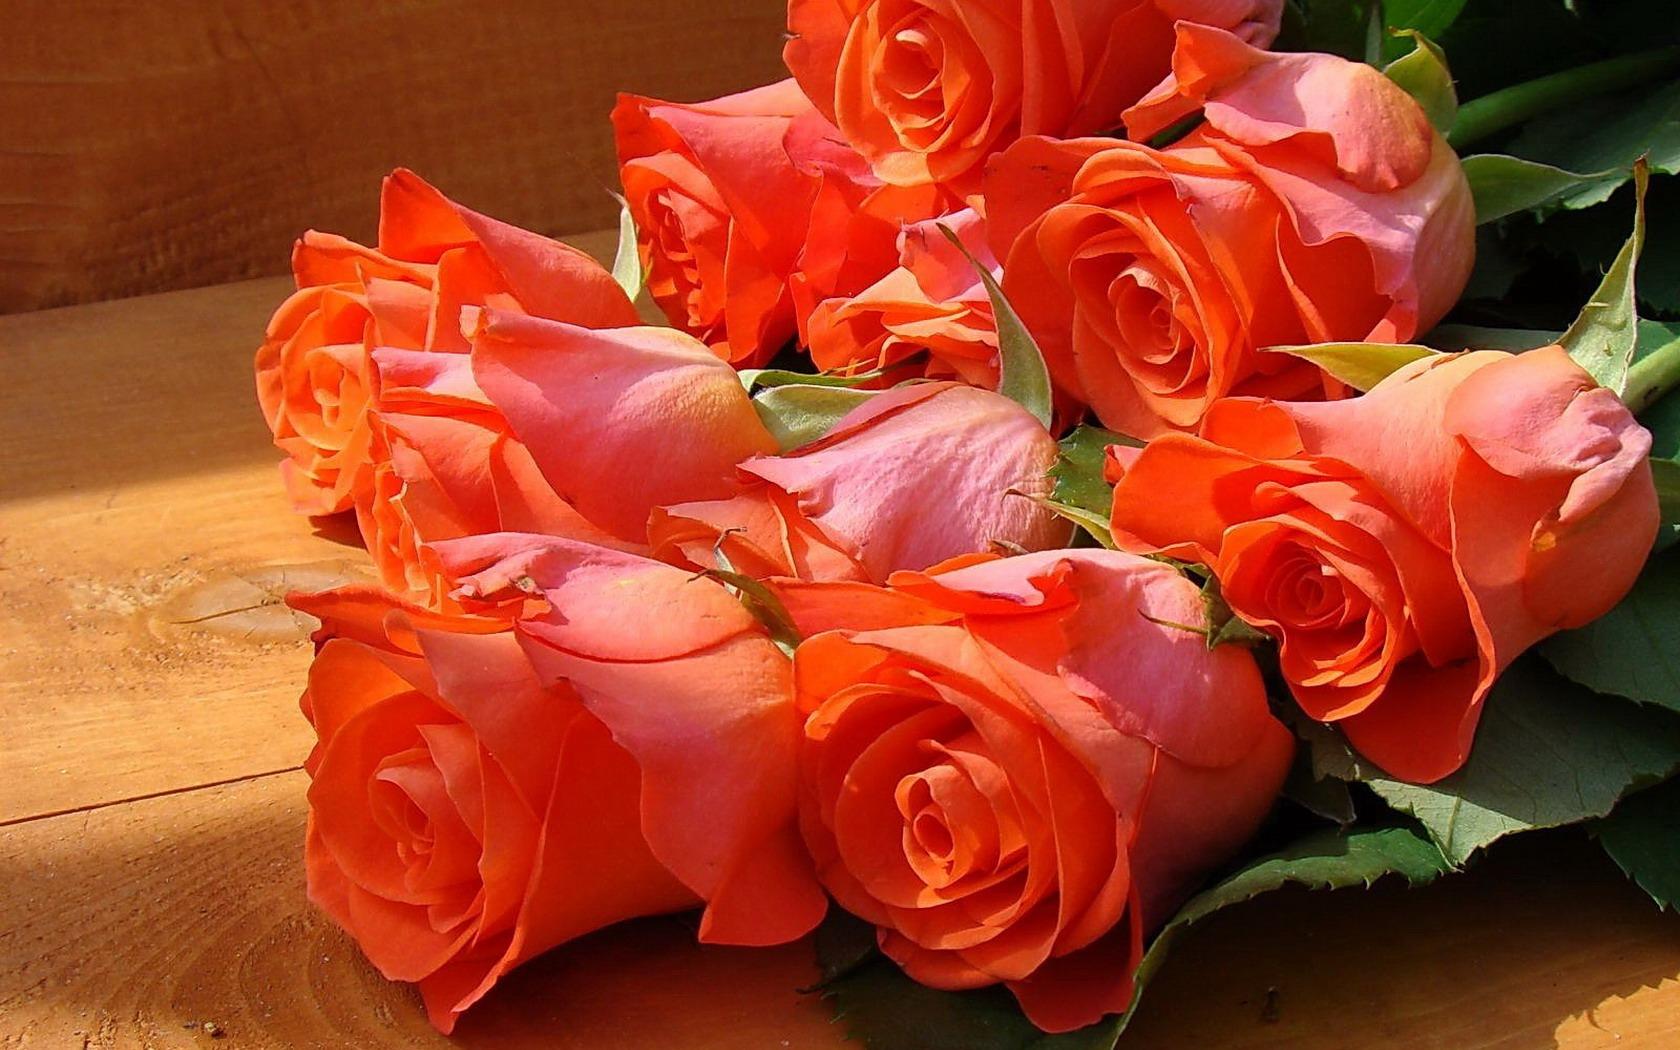 Фото с цветами и пожеланиями для любимой